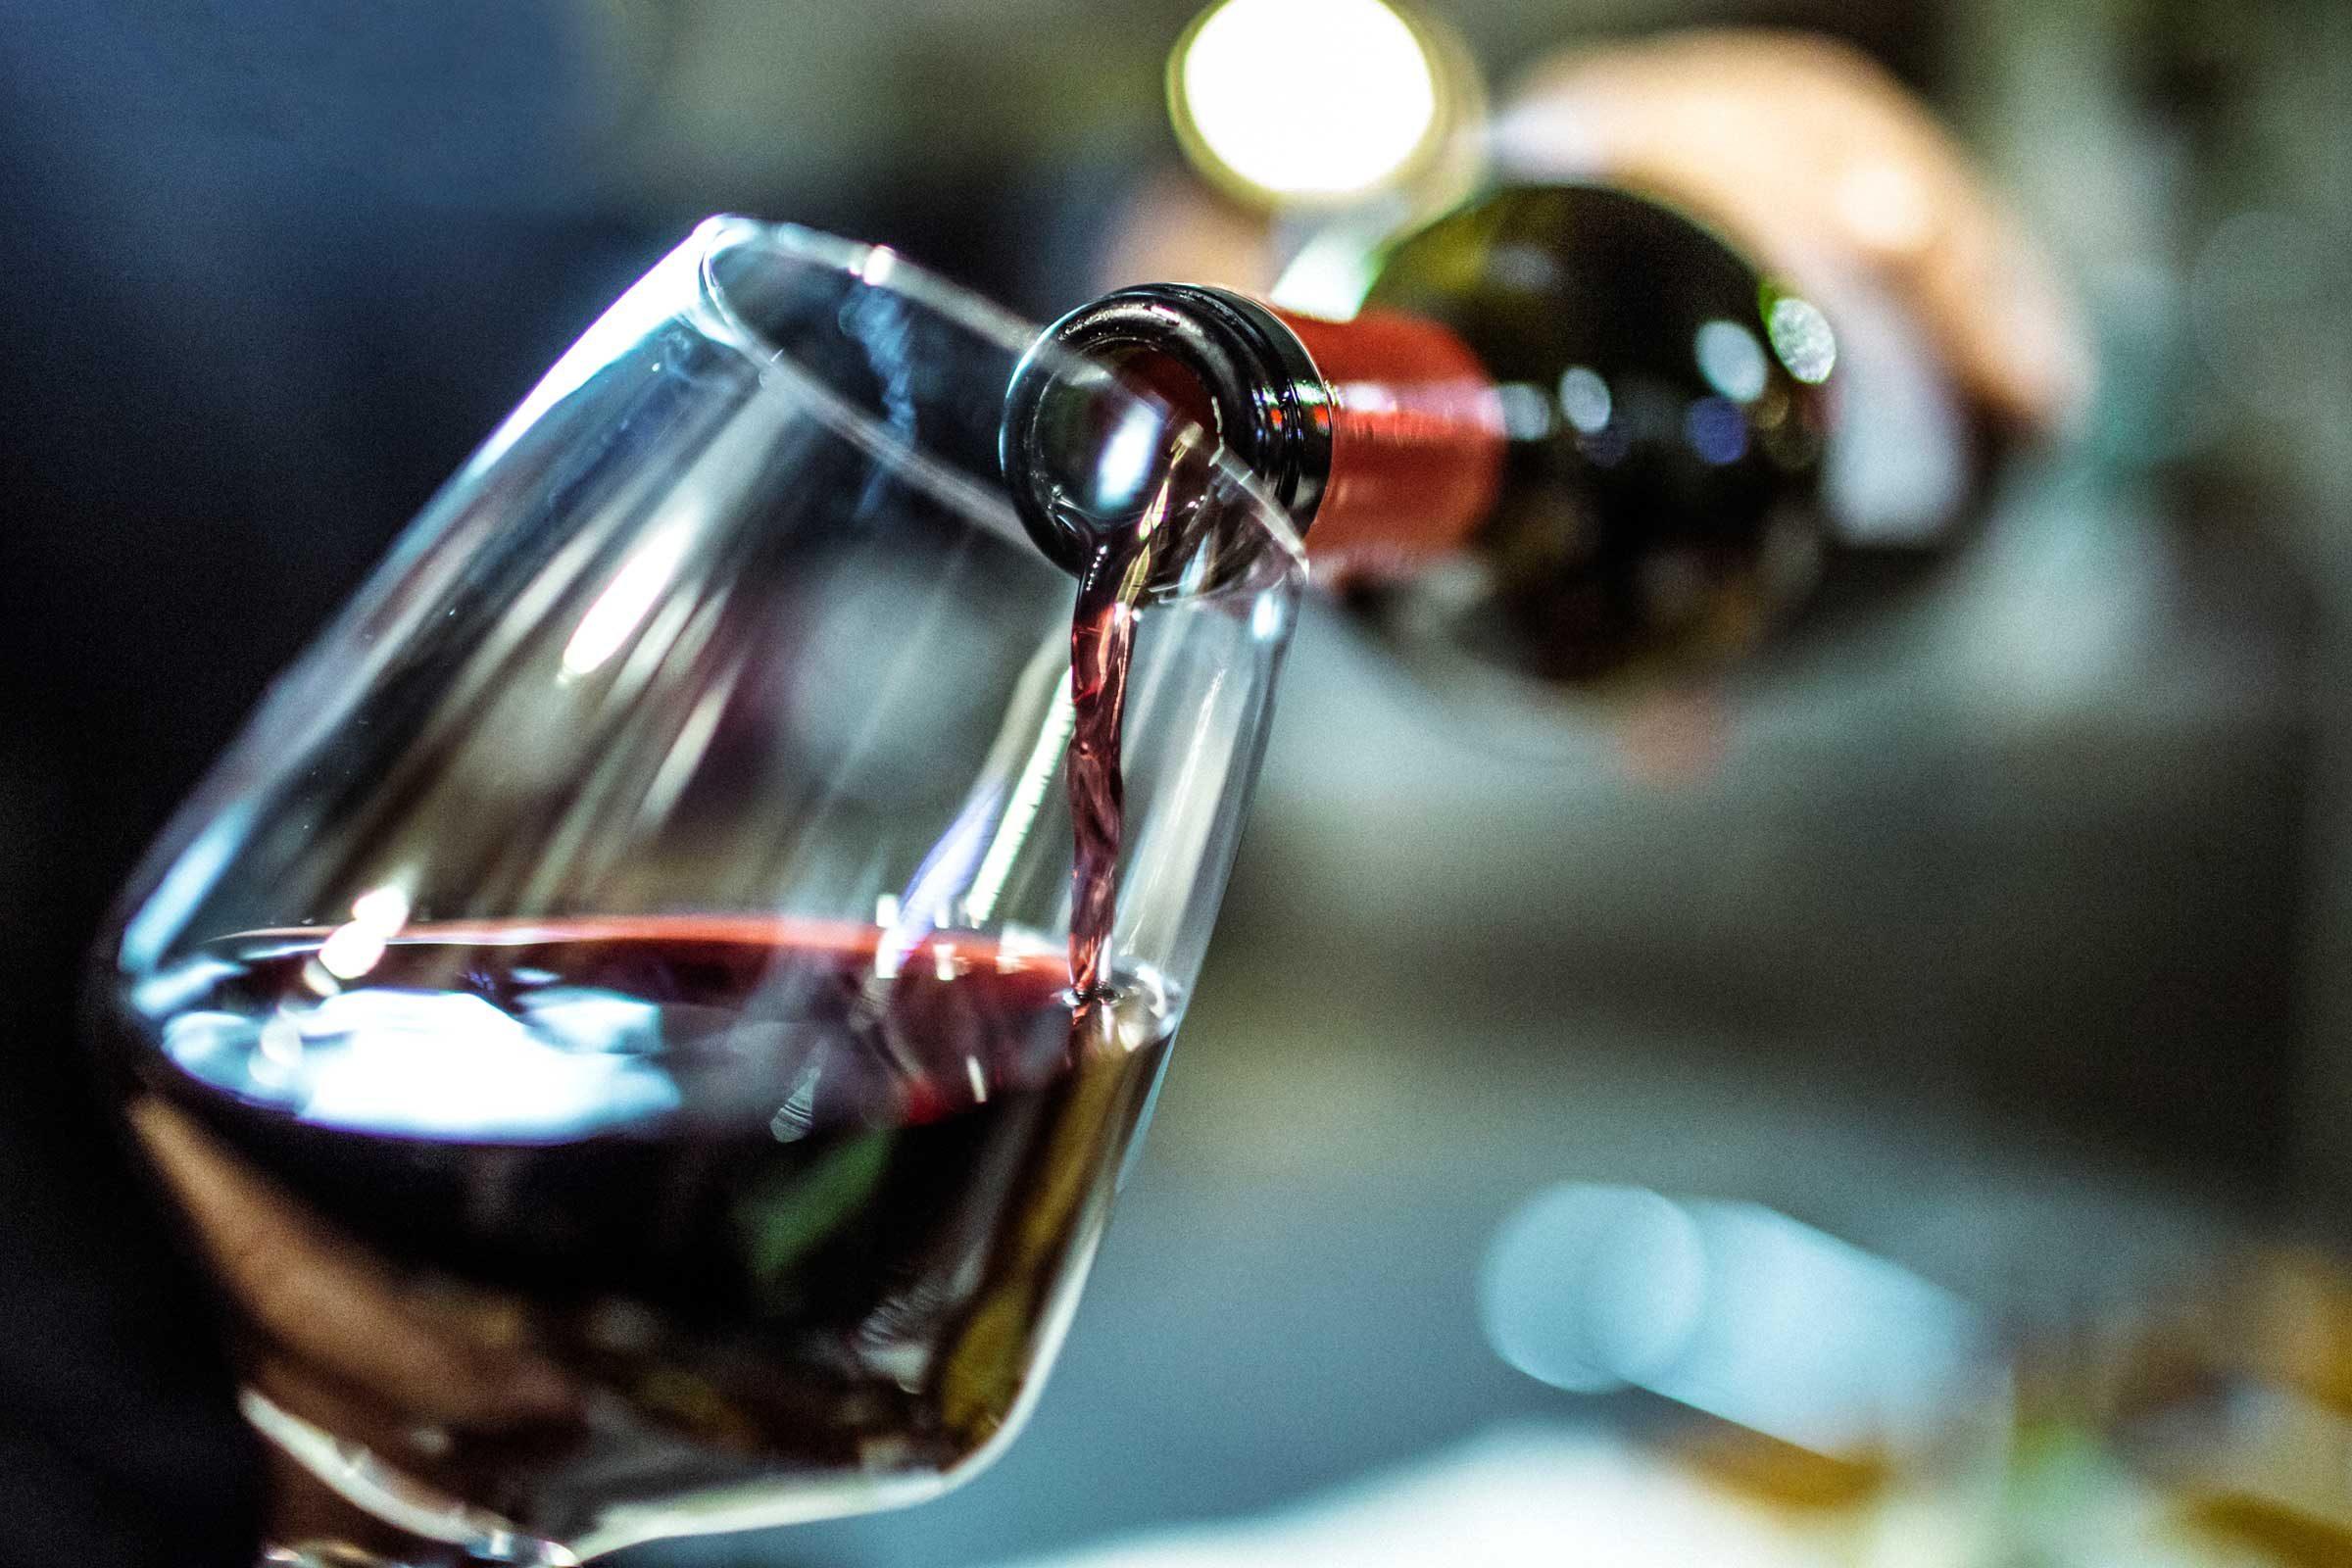 L'abus d'alcool parmi les facteurs de risque du cancer du foie.